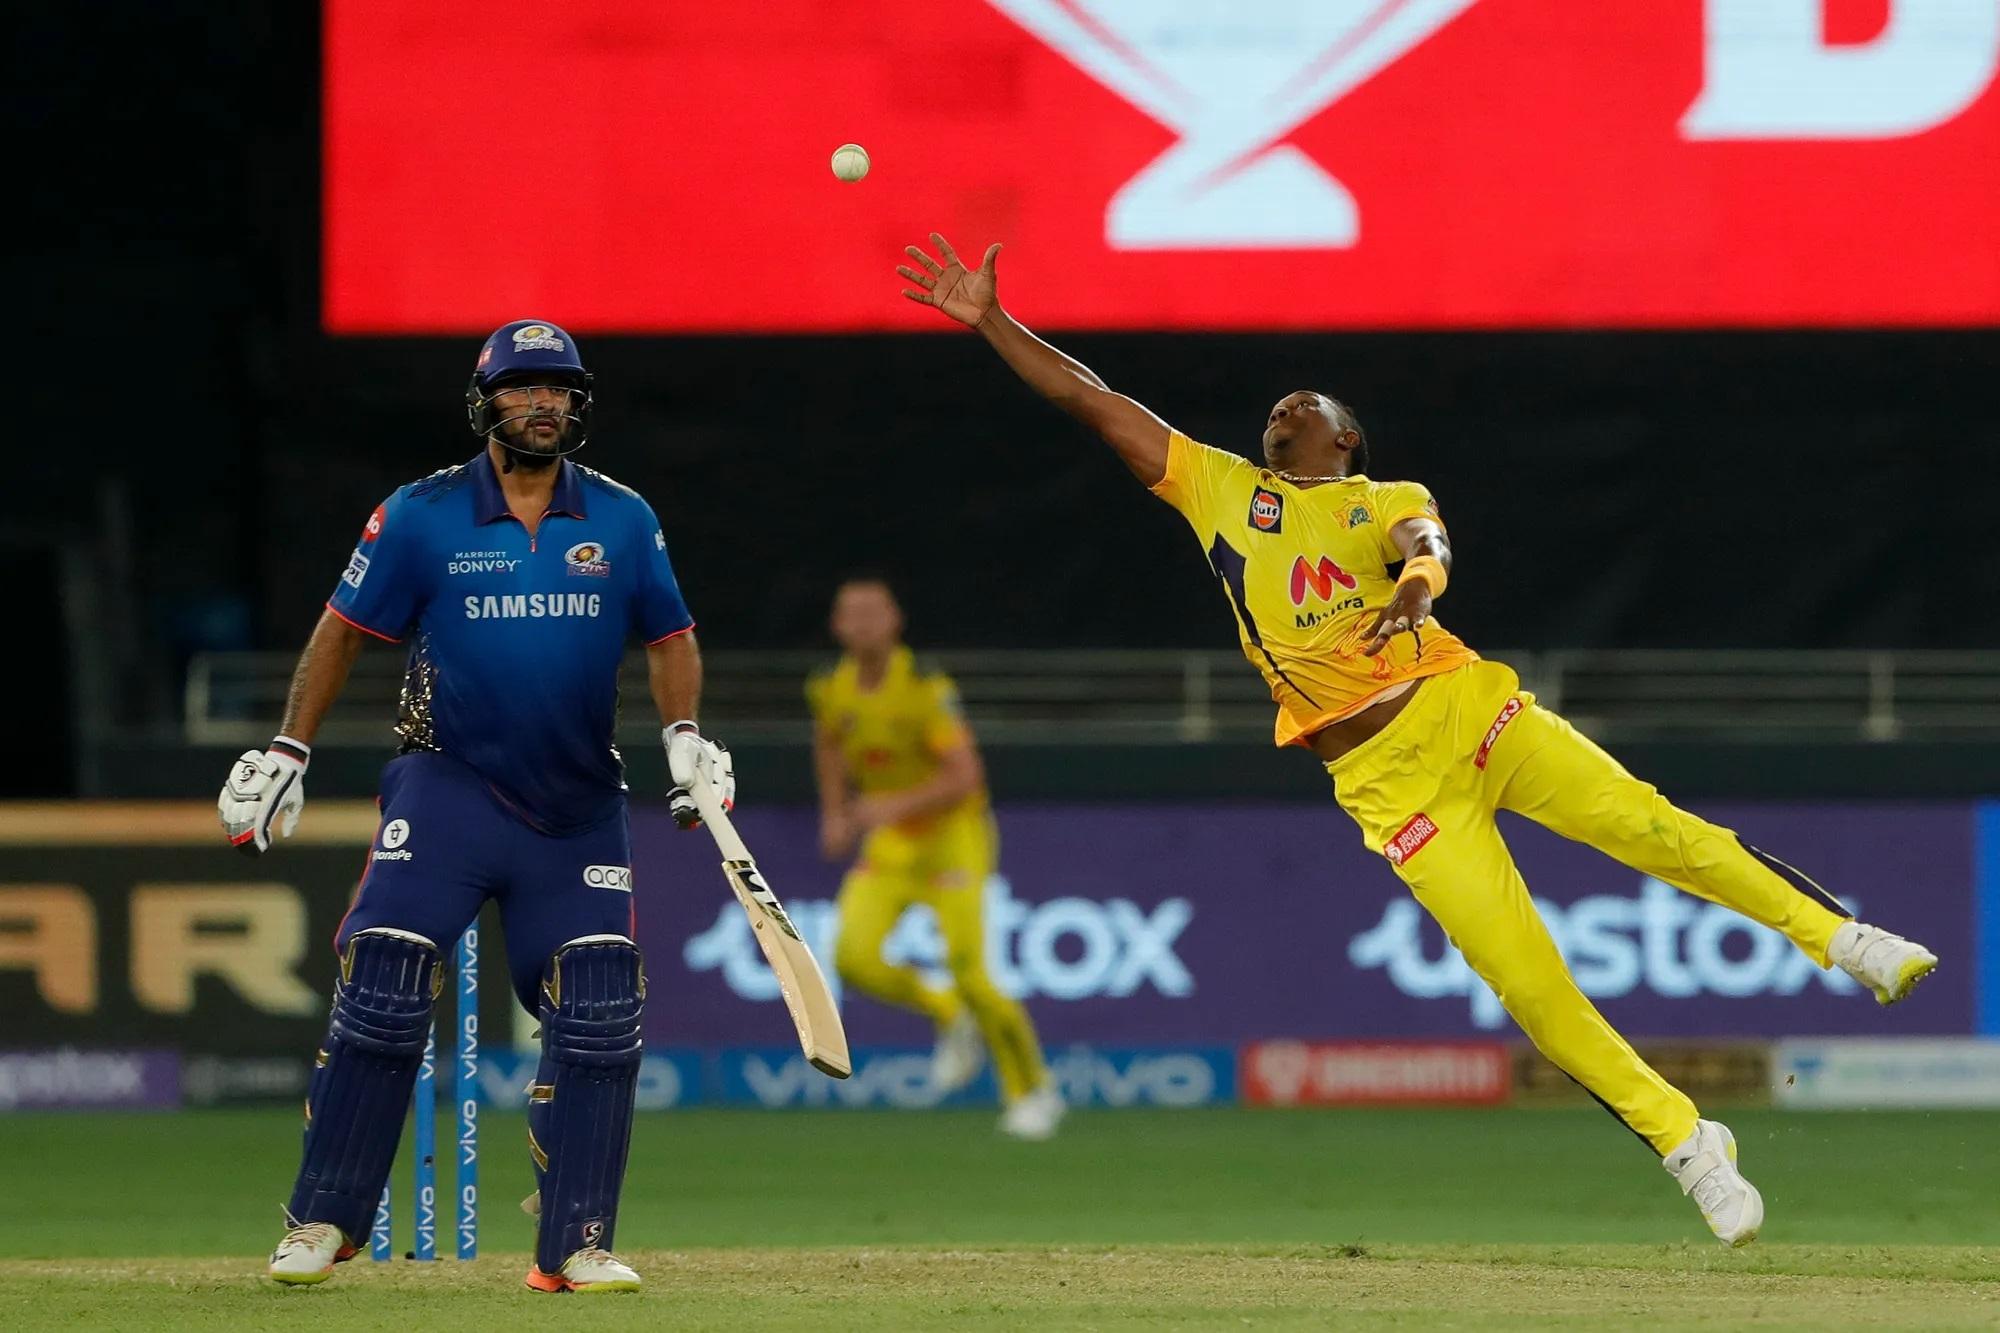 बैटिंग में दम दिखा चुके ड्वेन ब्रावो ने 4 ओवर में 25 रन देकर 3 विकेट लिए। इसके साथ उन्होंने जबर्दस्त फील्डिंग कर टीम के लिए रन भी बचाया।